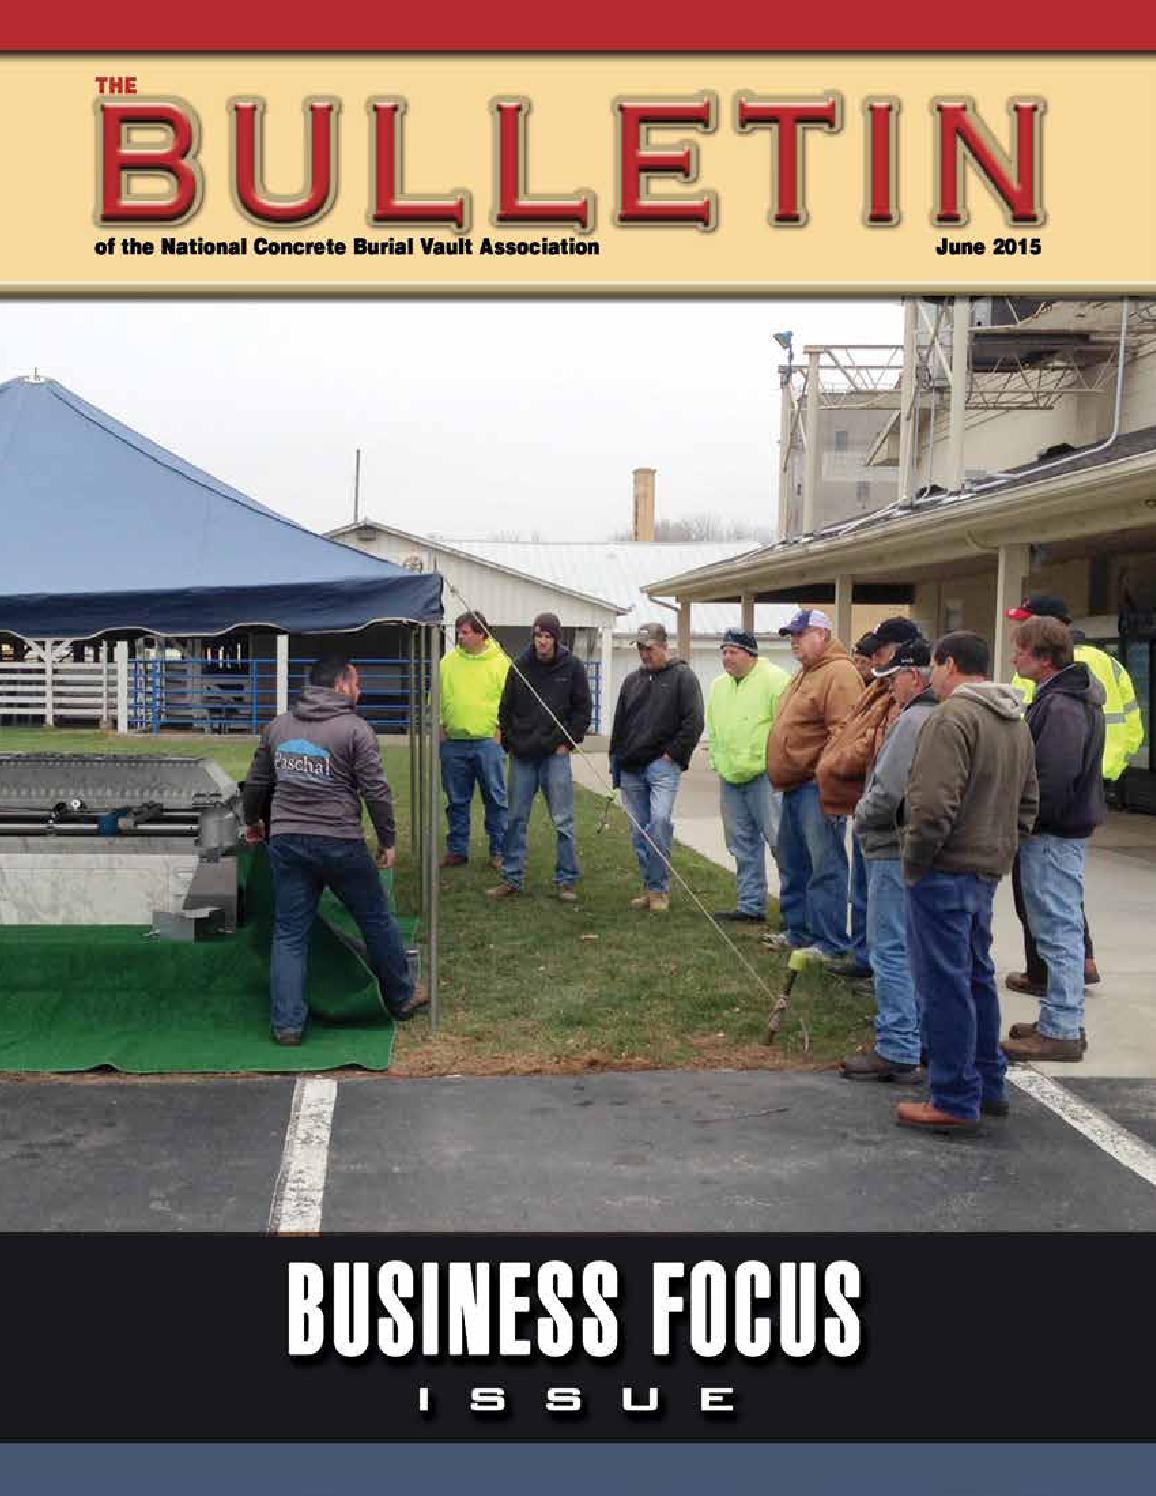 NCBVA Bulletin June 2015 by NCBVA - issuu